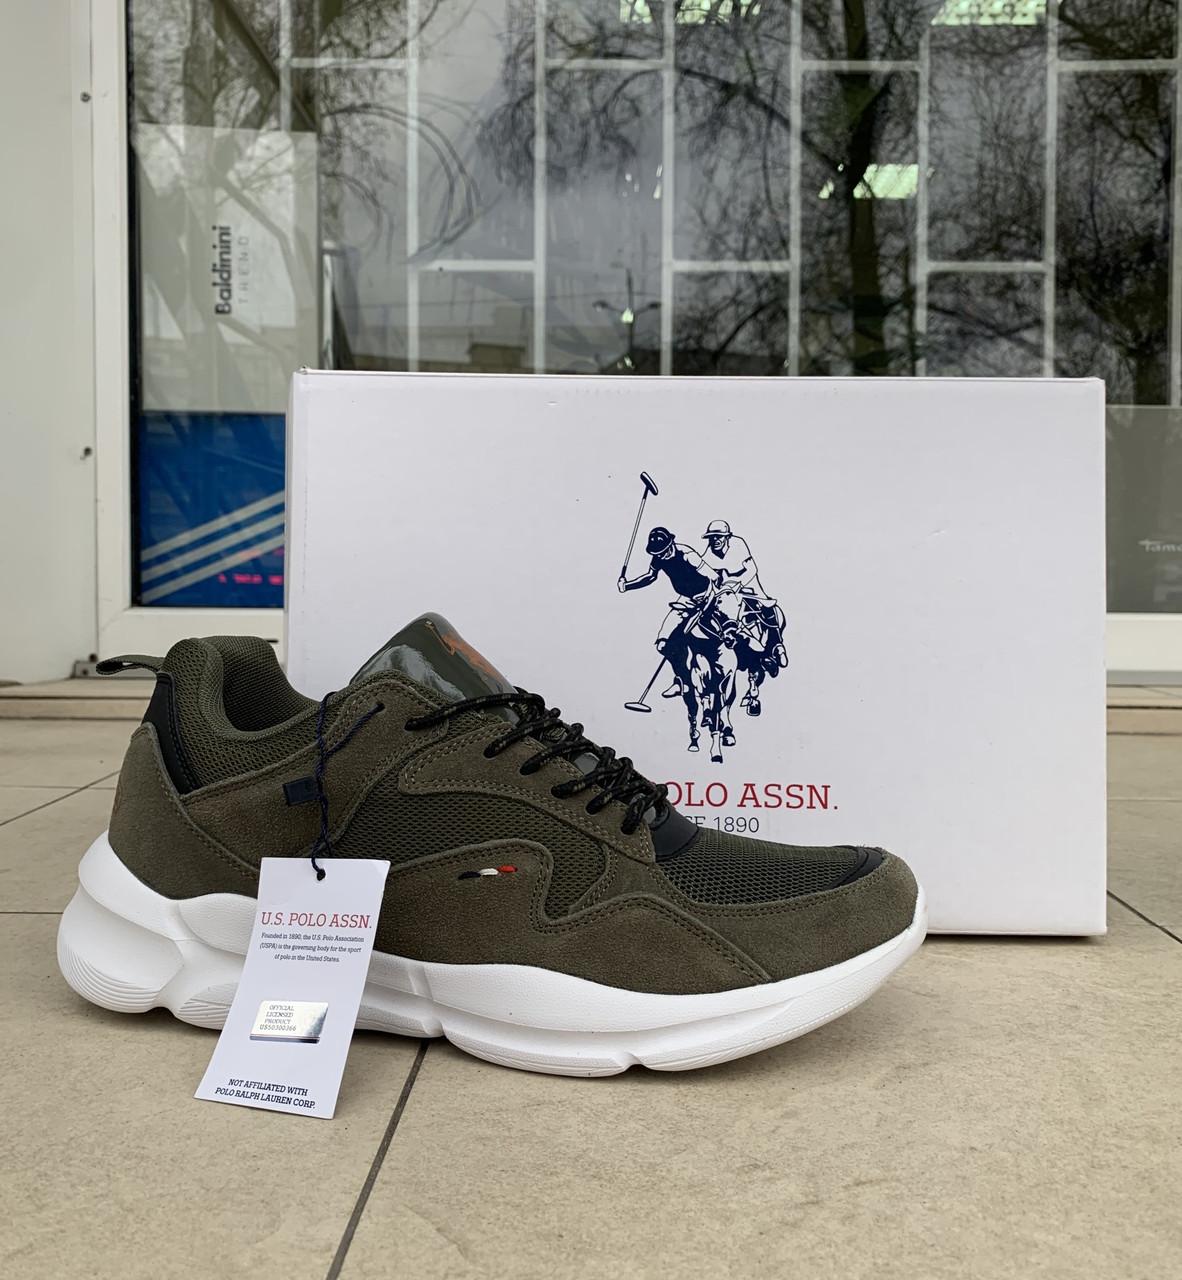 Мужские кроссовки сникеры US Polo Assn оригинал натуральная замша 43